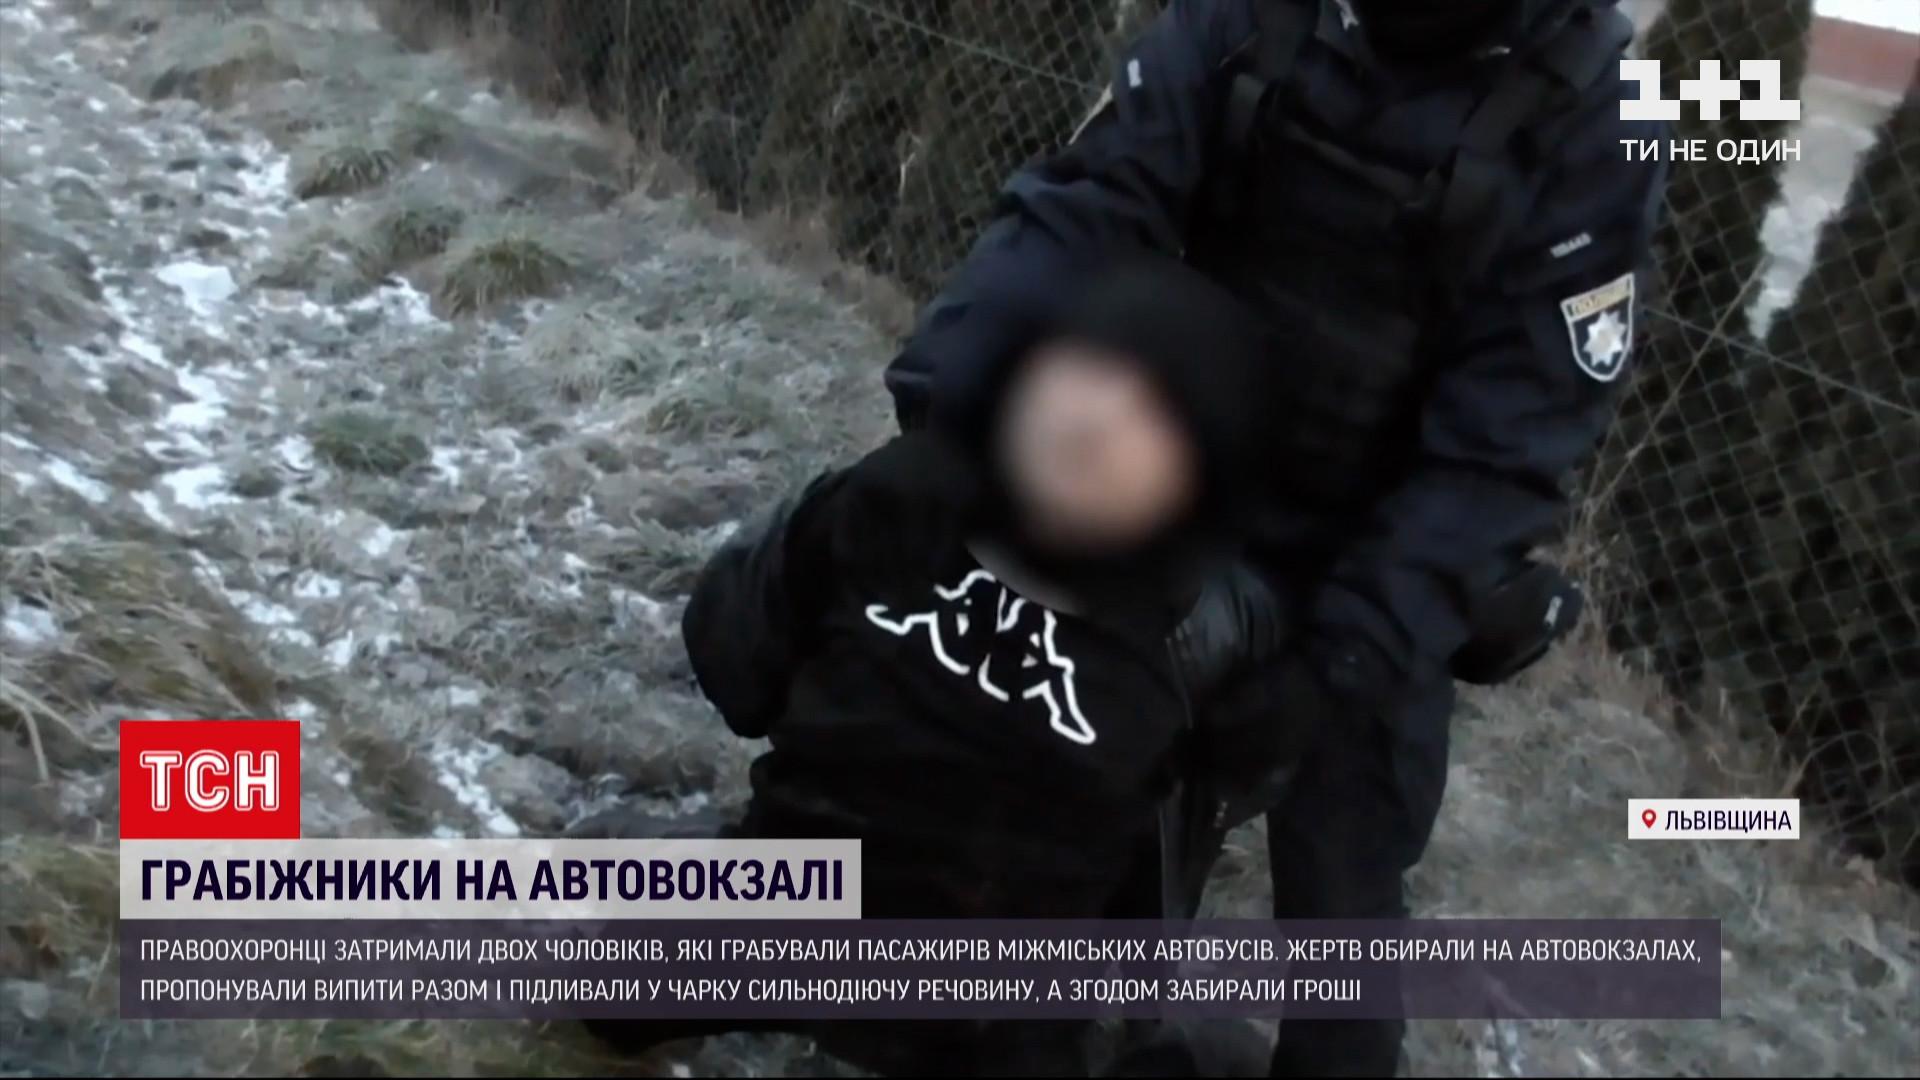 Жертвам подсыпали вещество сильного действия / скриншот из видео